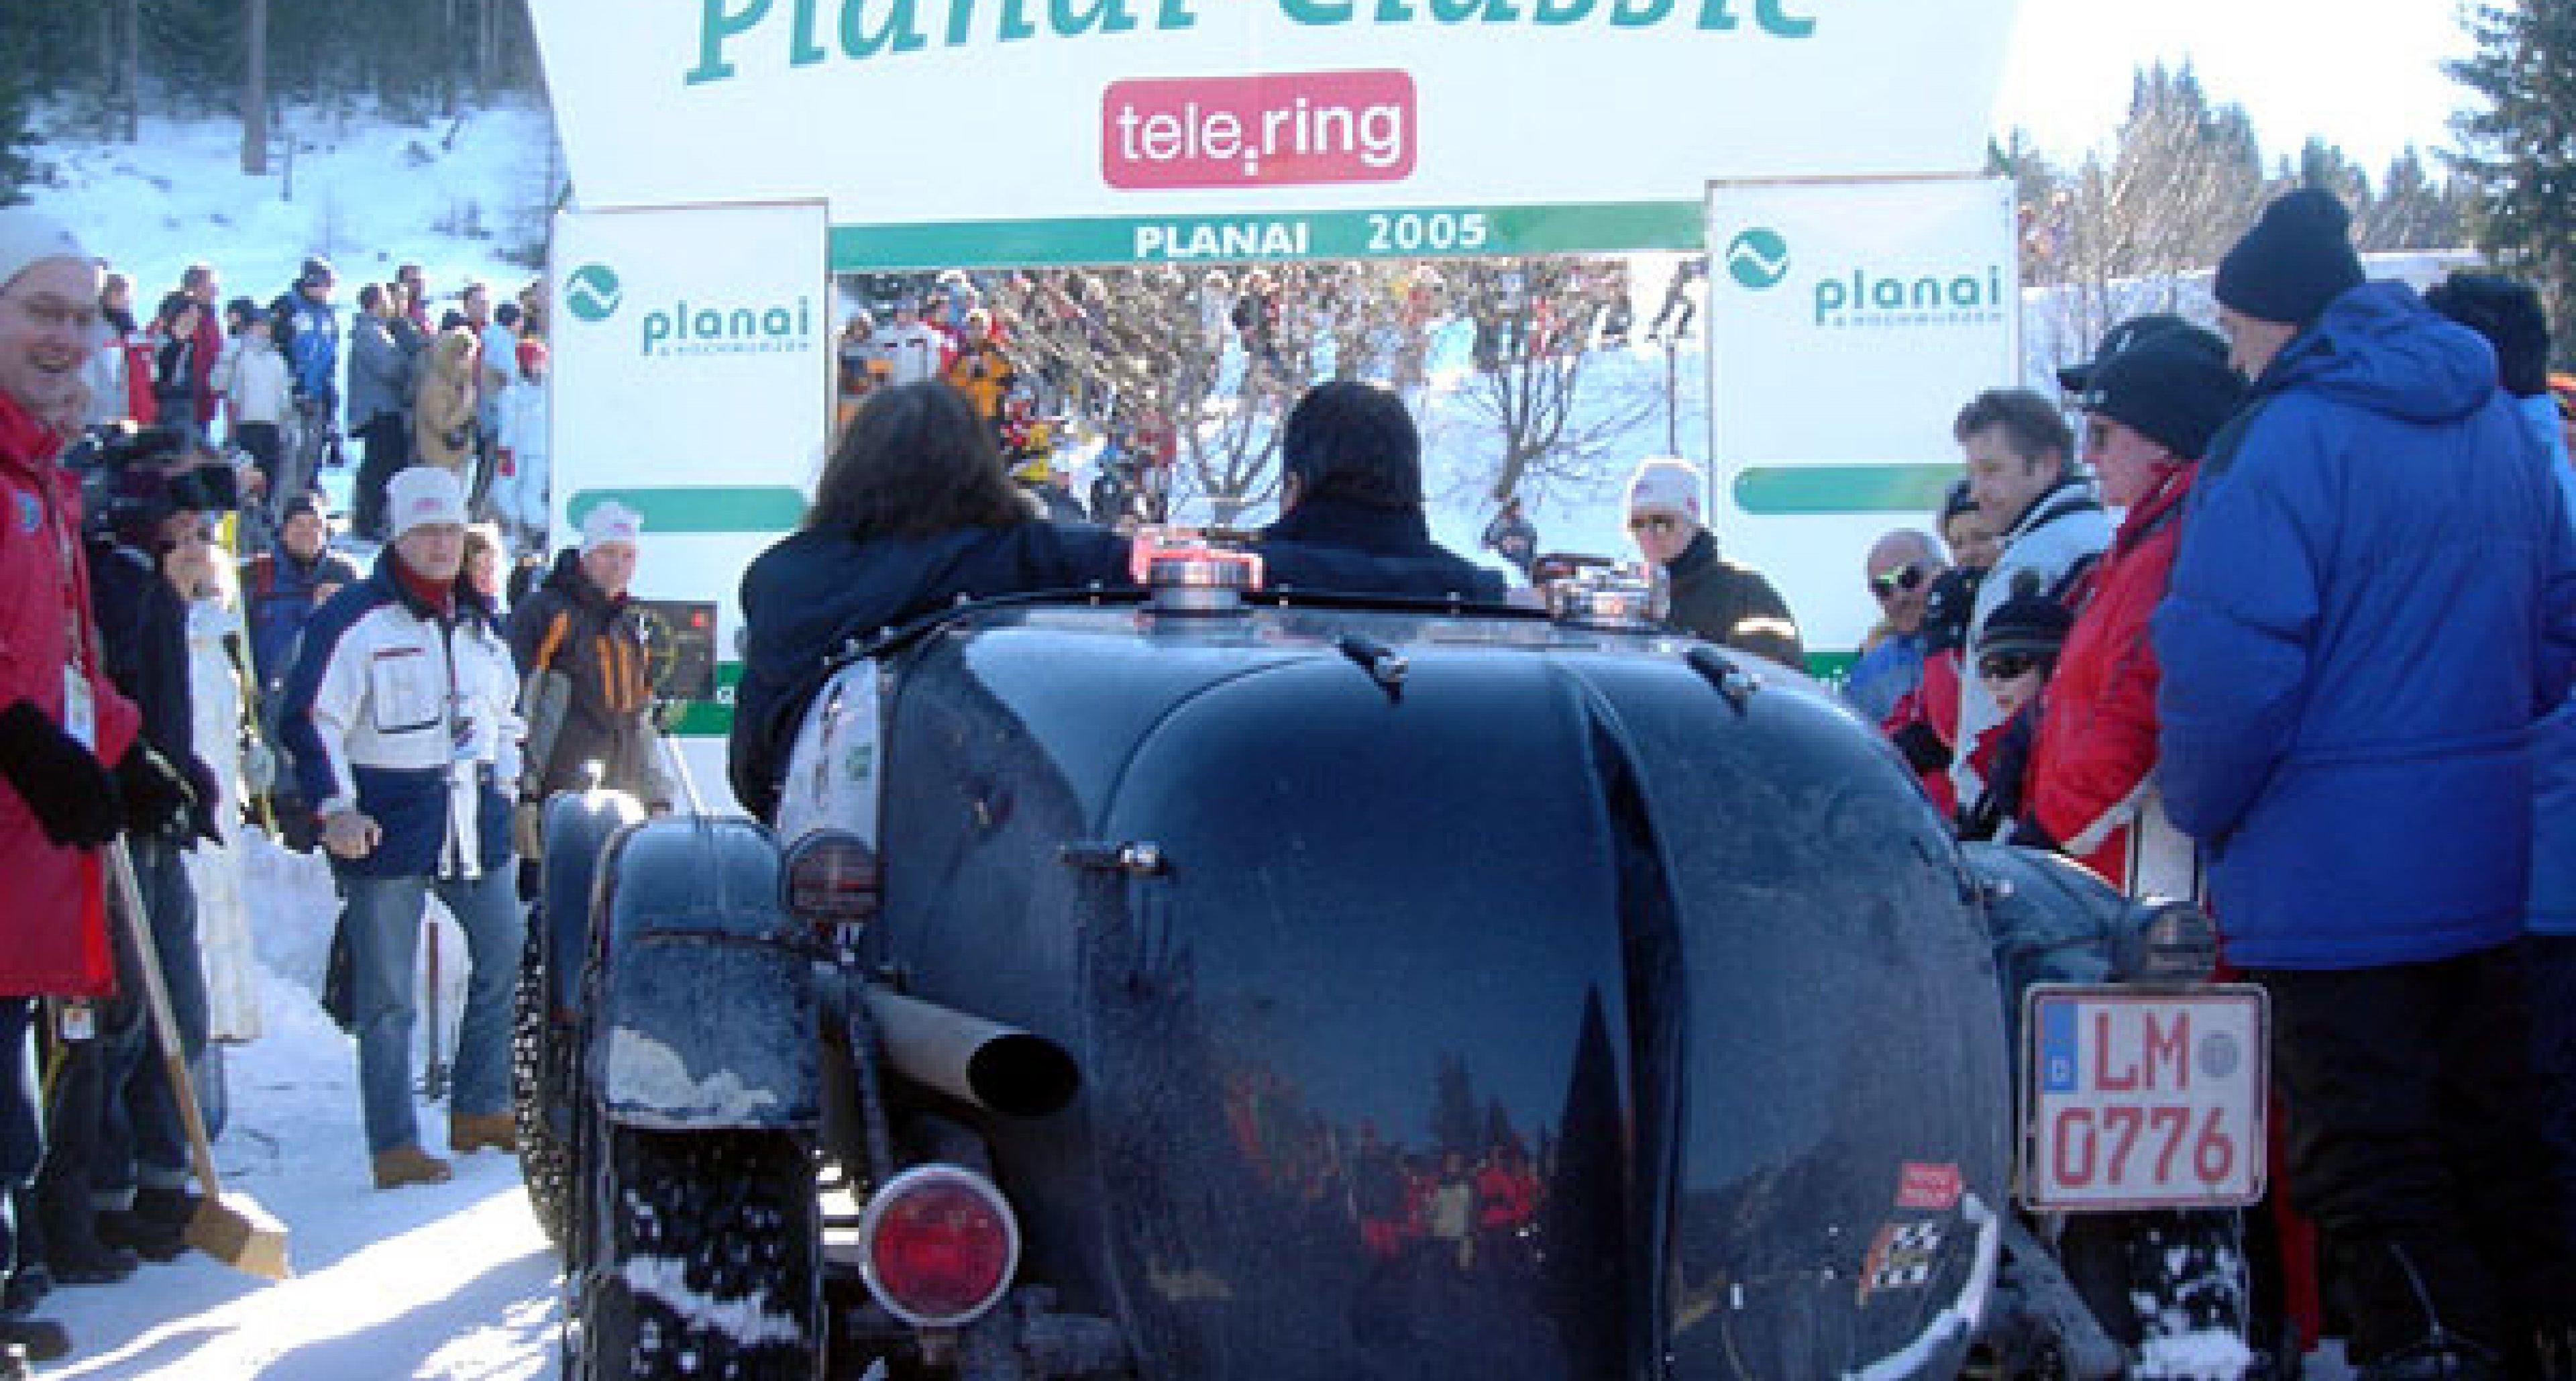 Planai Classic 2005 – Die Saison ist eröffnet